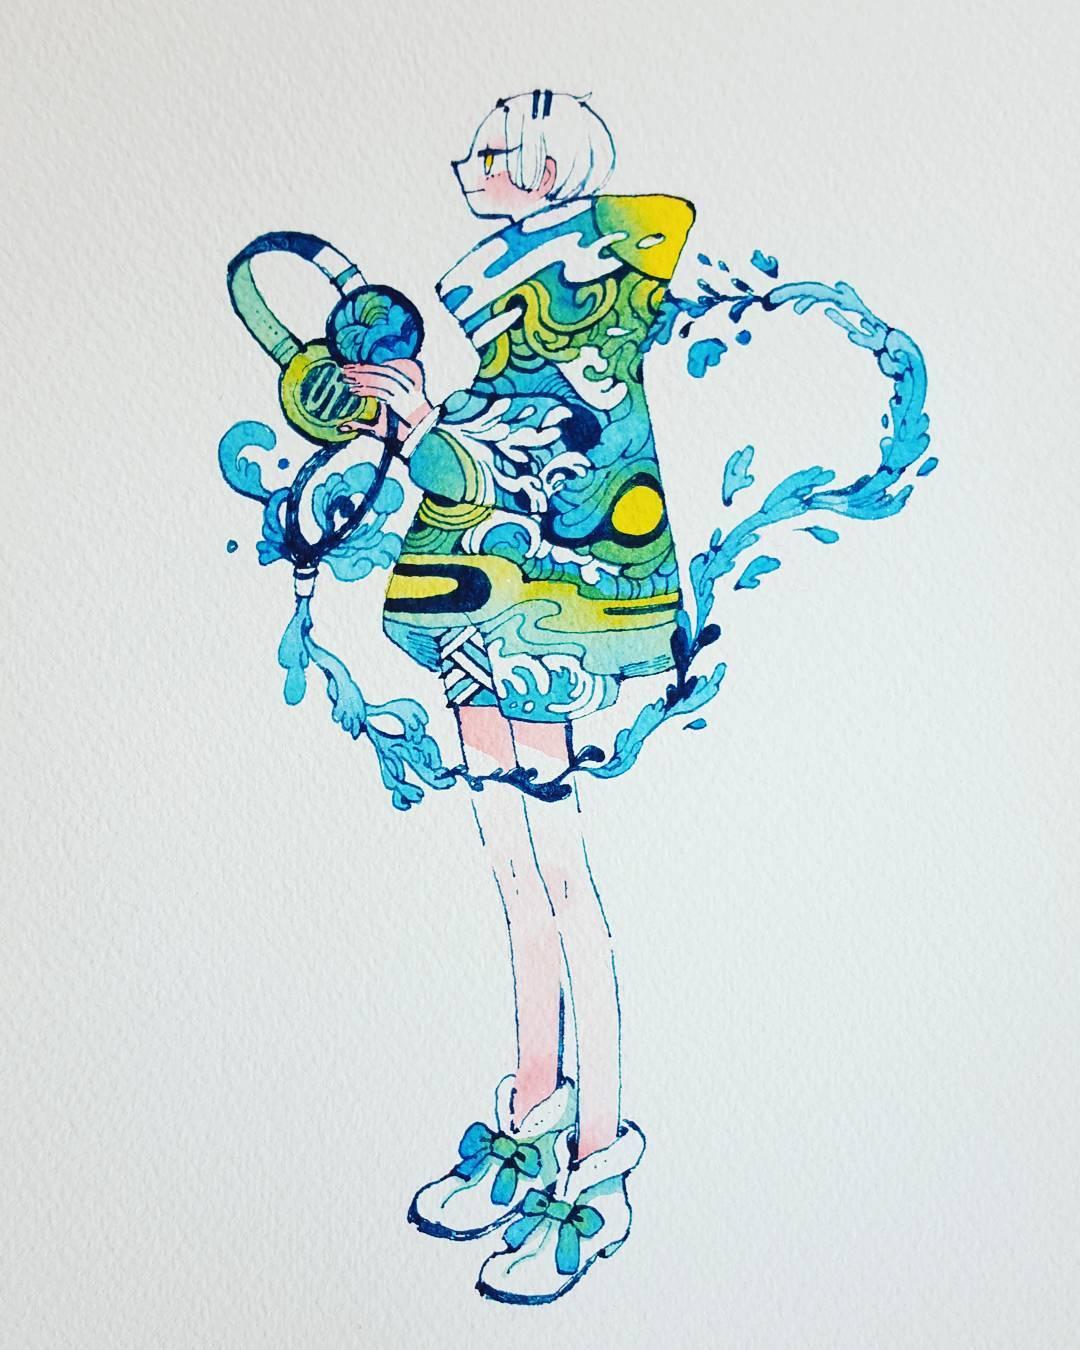 植物拟人化萌萌哒可爱插画